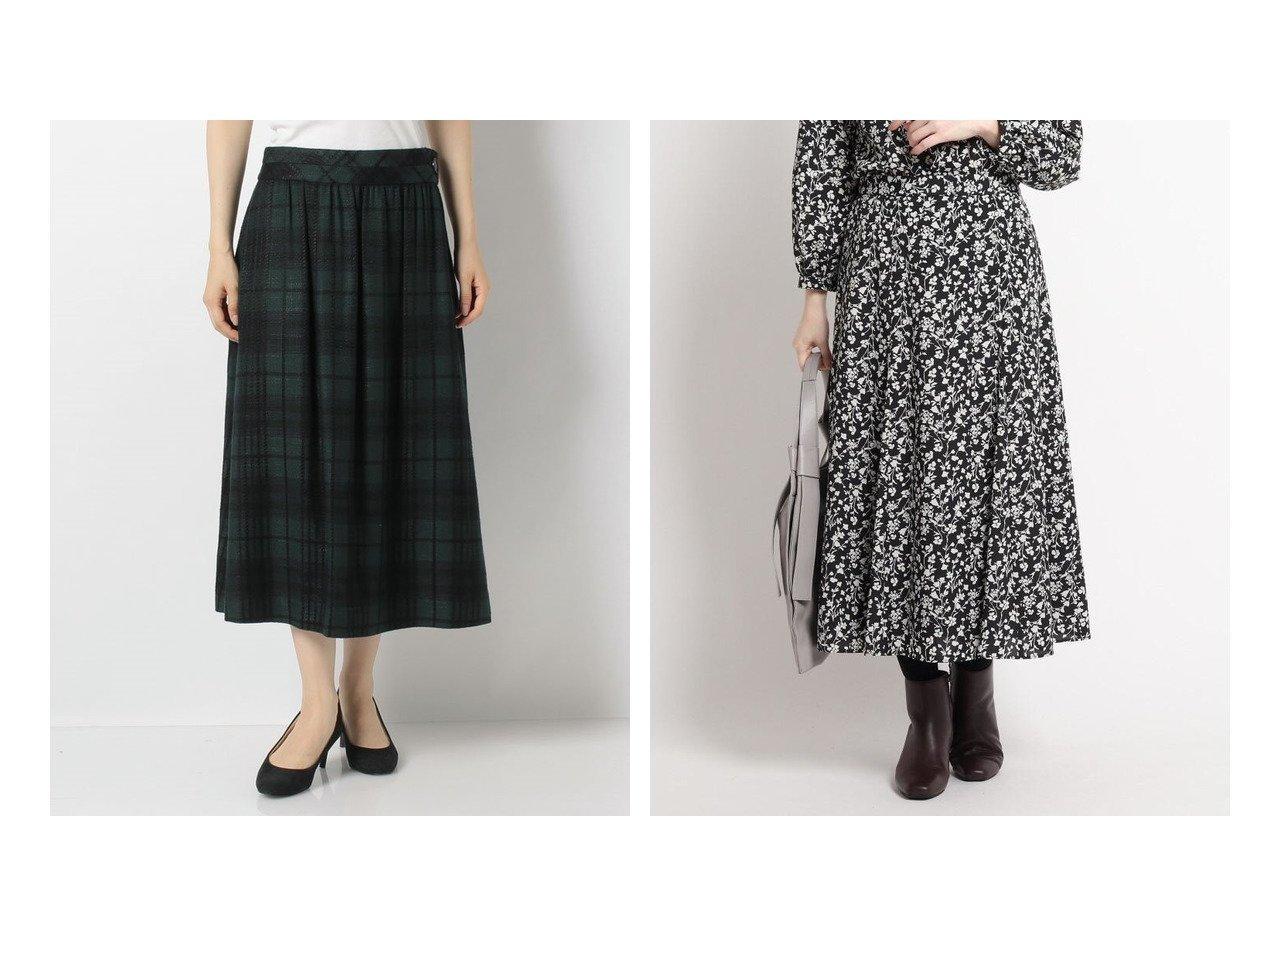 【OLD ENGLAND/オールド イングランド】のウールレーヨンツィードスカート&【Reflect/リフレクト】のアンティークフラワースカート スカートのおすすめ!人気、レディースファッションの通販  おすすめファッション通販アイテム インテリア・キッズ・メンズ・レディースファッション・服の通販 founy(ファニー) ファッション Fashion レディース WOMEN スカート Skirt Aライン/フレアスカート Flared A-Line Skirts ギャザー ツイード ファブリック フレア クラシカル プリント ロング グリーン系 Green ブラック系 Black |ID:crp329100000004053